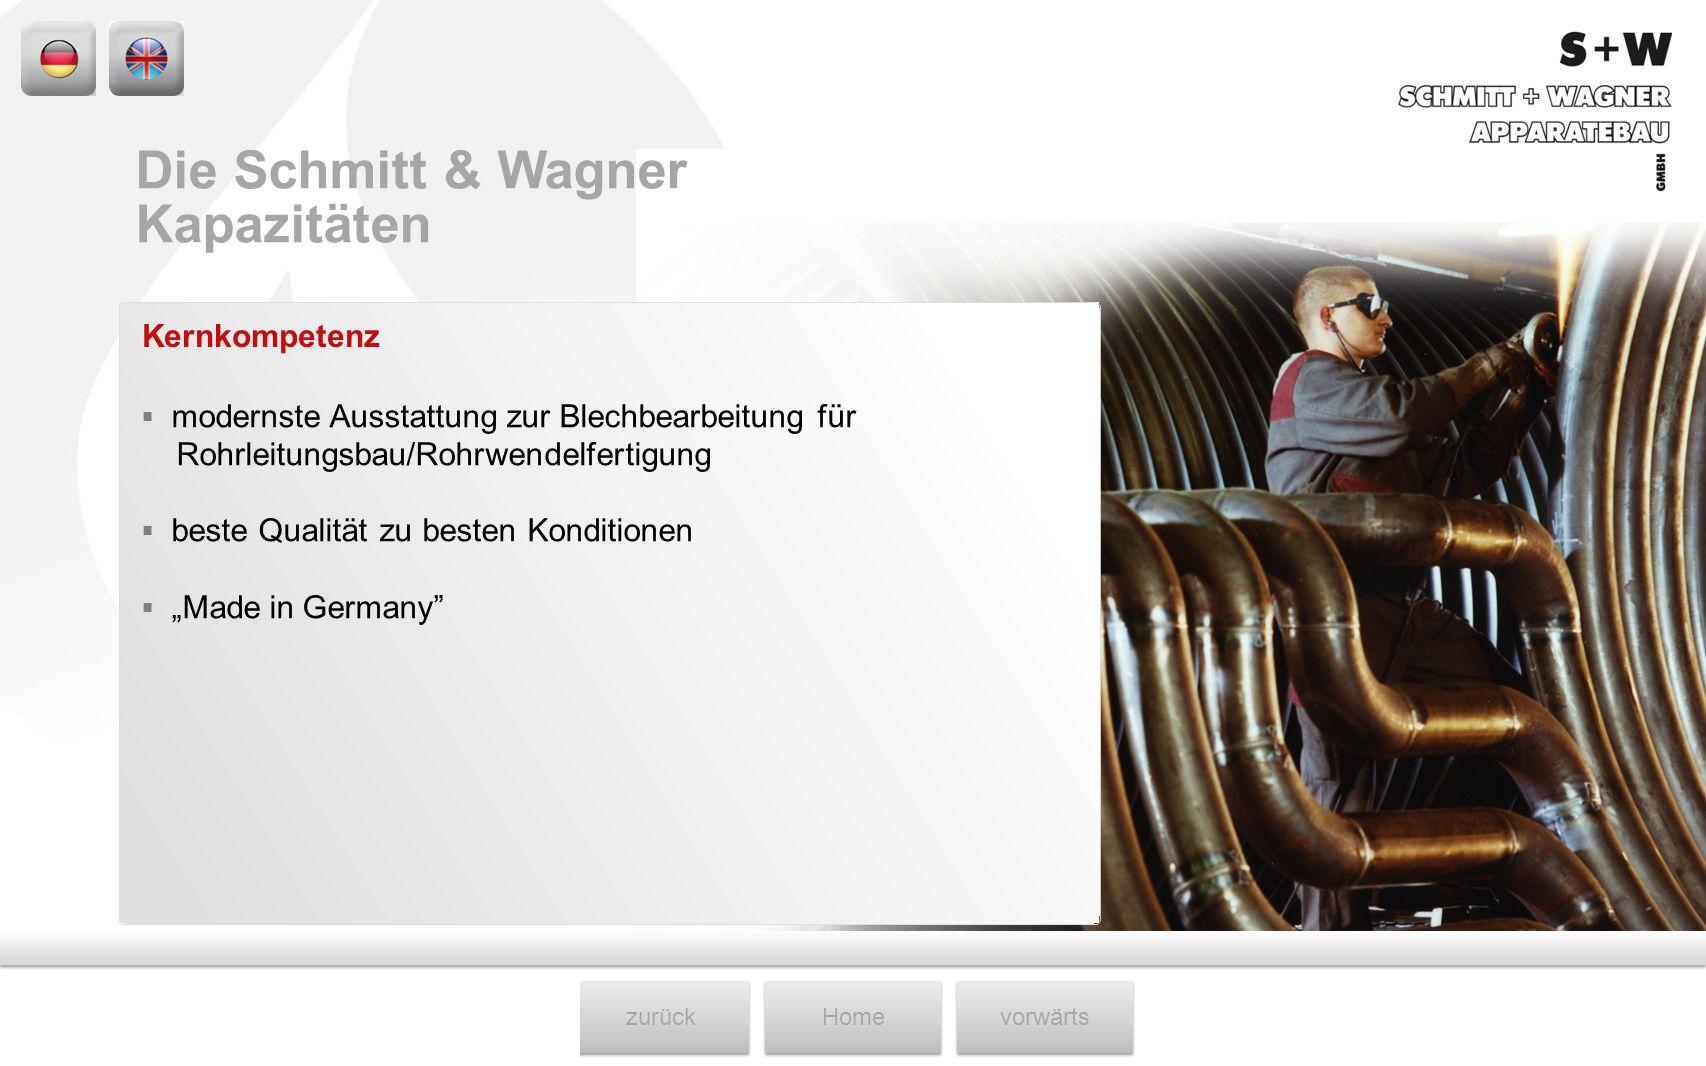 Die Schmitt & Wagner Kapazitäten